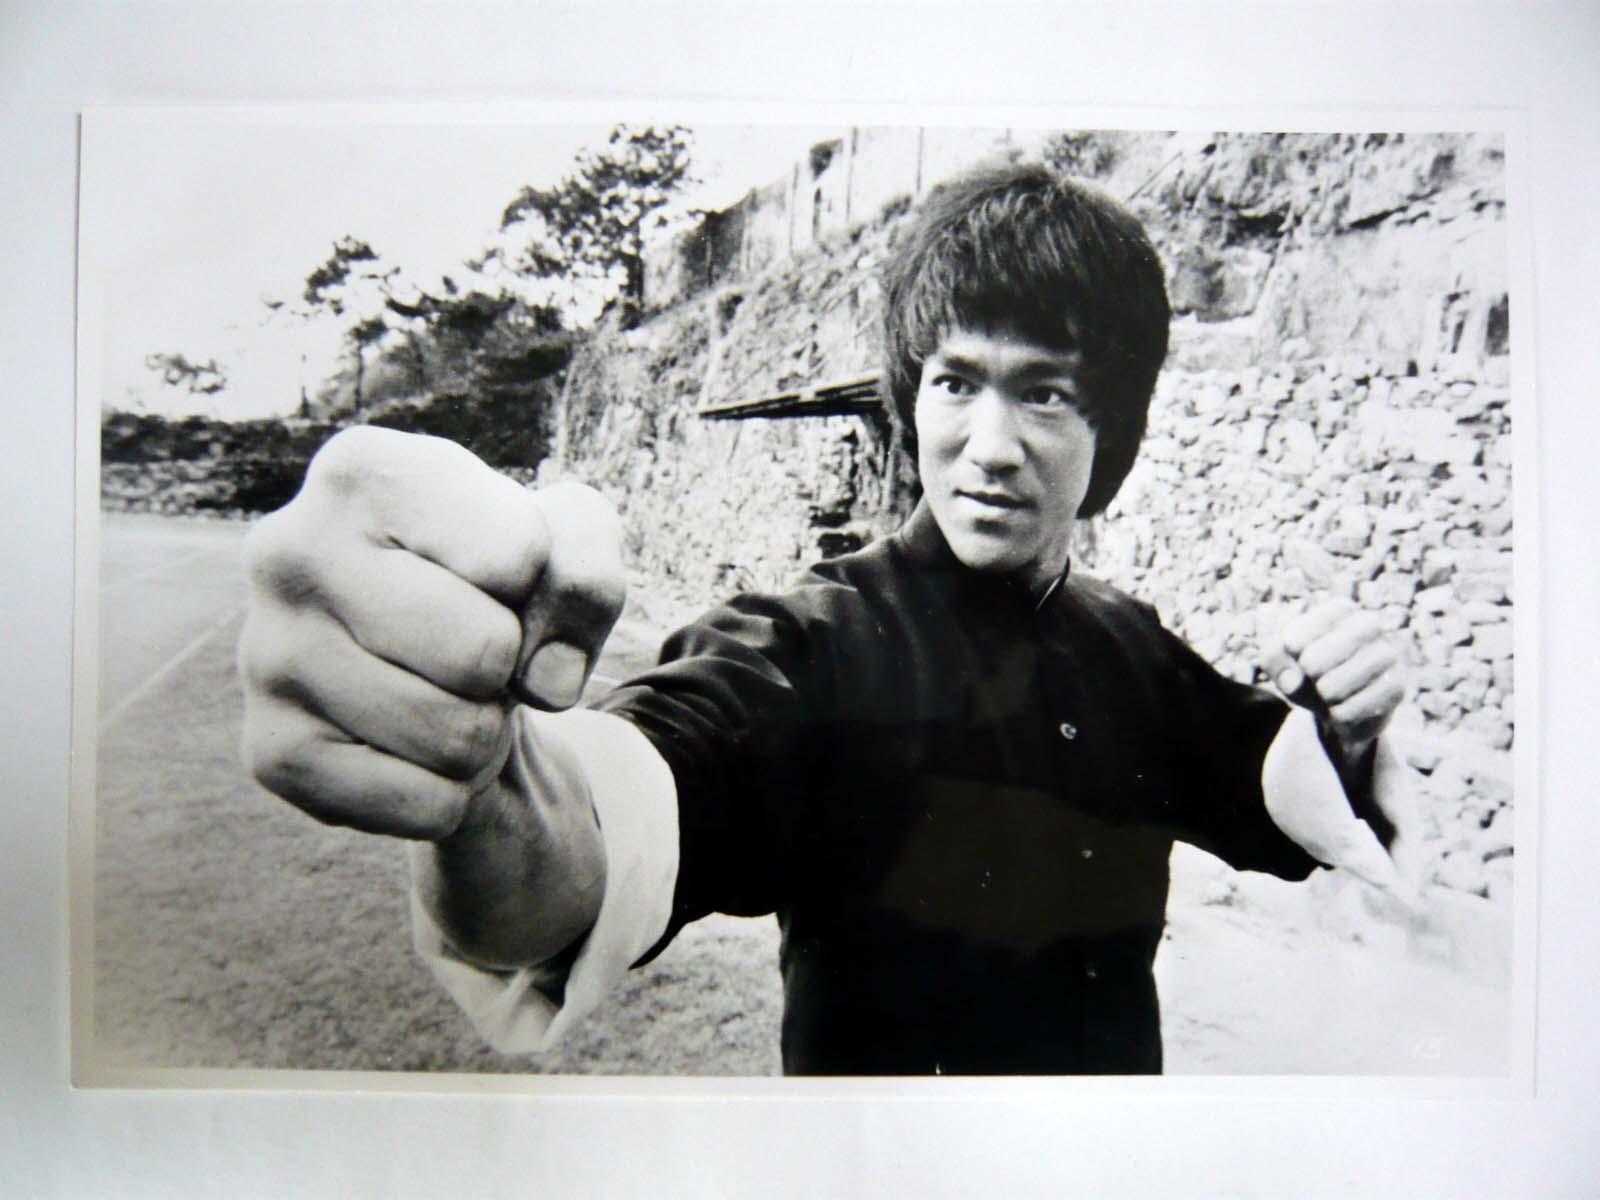 ブルース・リーの画像 p1_20